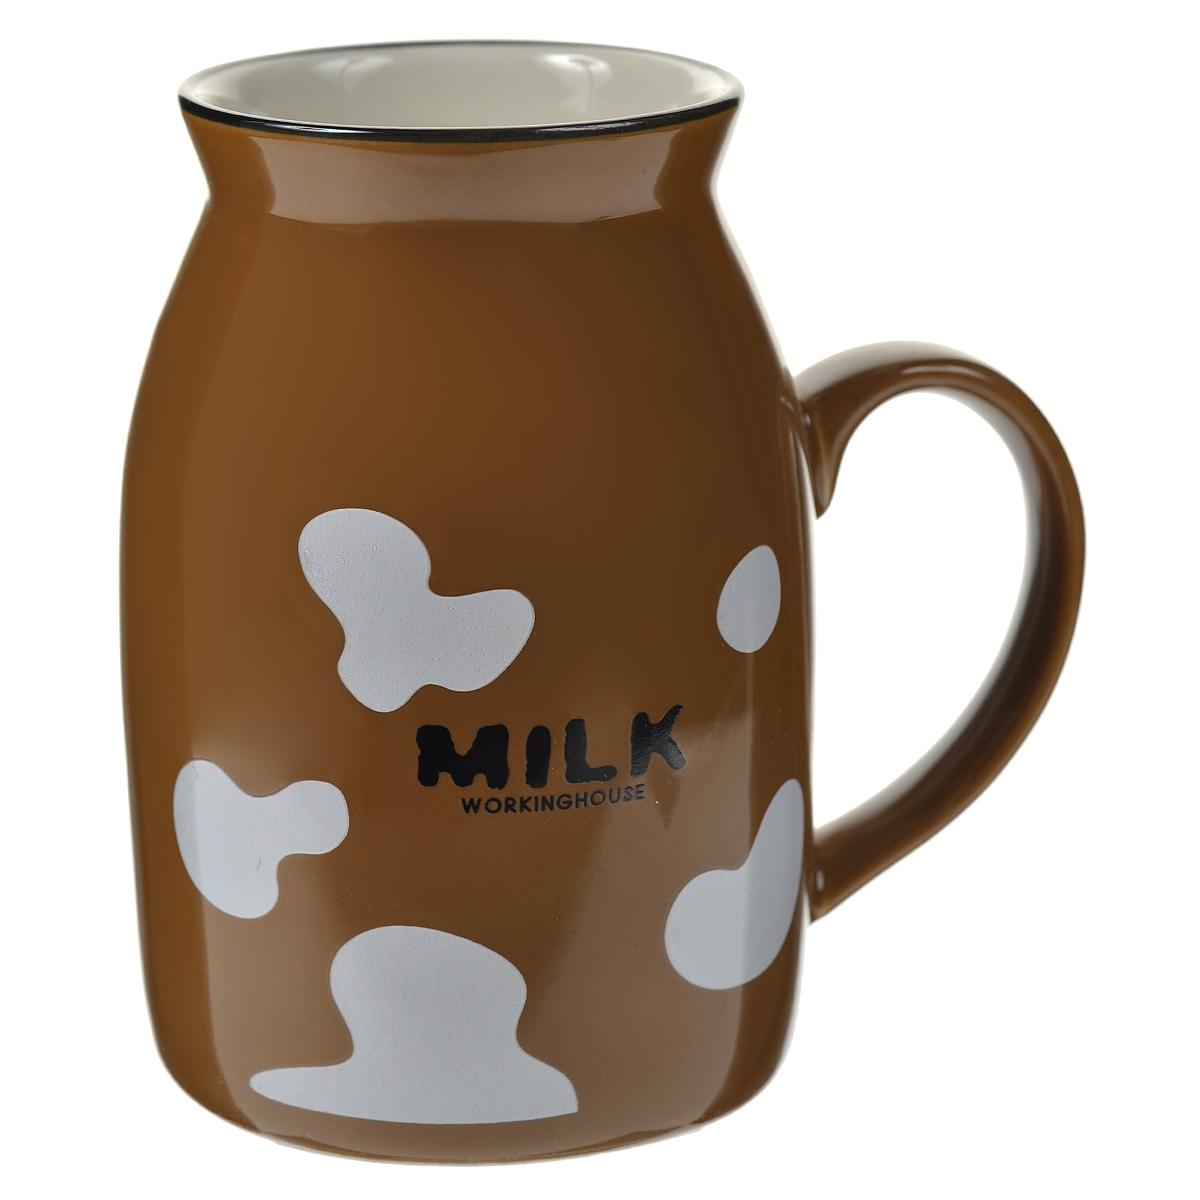 Кружка Milk, цвет: коричневый003068Оригинальная кружка Milk, выполненная из керамики, станет отличным подарком для человека, ценящего забавные и практичные подарки. Кружка выполнена в виде бидона для молока. Такой подарок станет не только приятным, но и практичным сувениром, а оригинальный дизайн вызовет улыбку. Характеристики:Материал:керамика. Высота кружки:10 см. Диаметр по верхнему краю:5,5 см. Размер упаковки:10 см х 7,5 см х 11 см. Артикул: 003068.